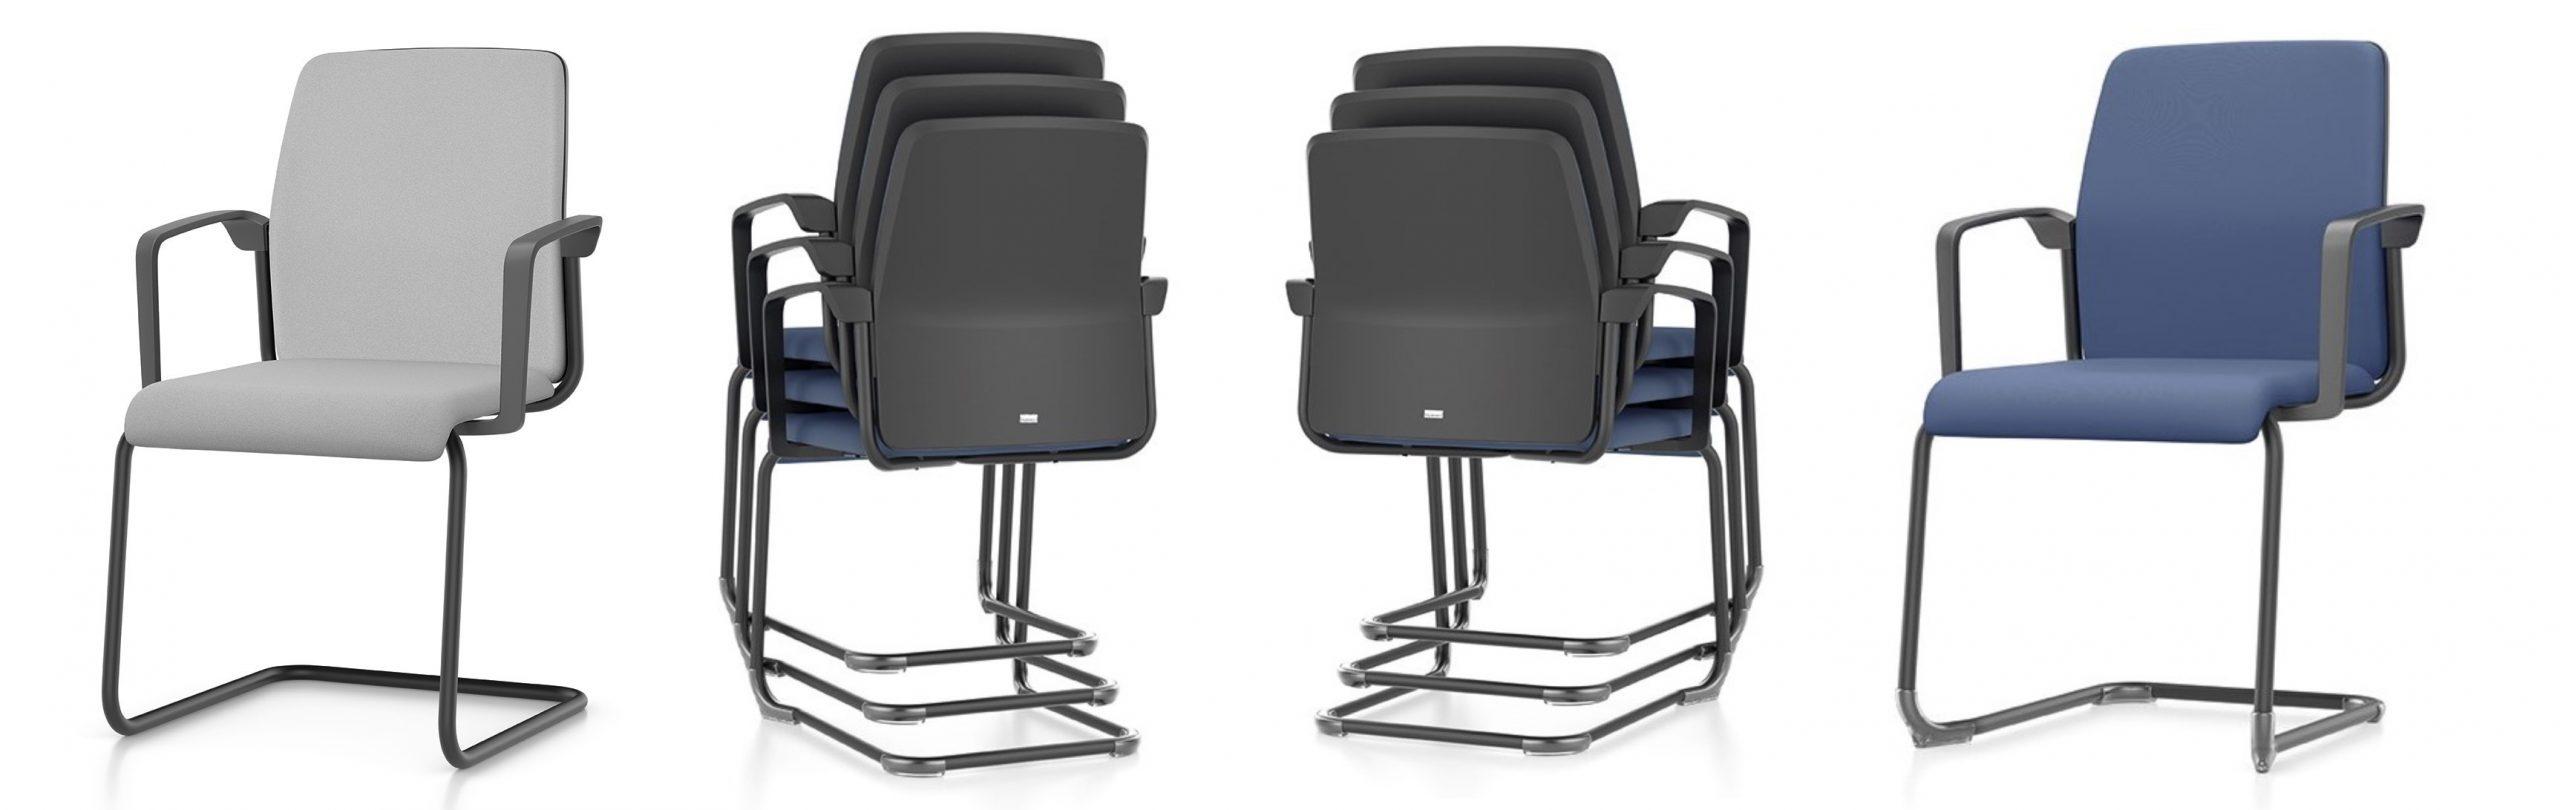 AIMIS1 interstuhl bezoekersstoel